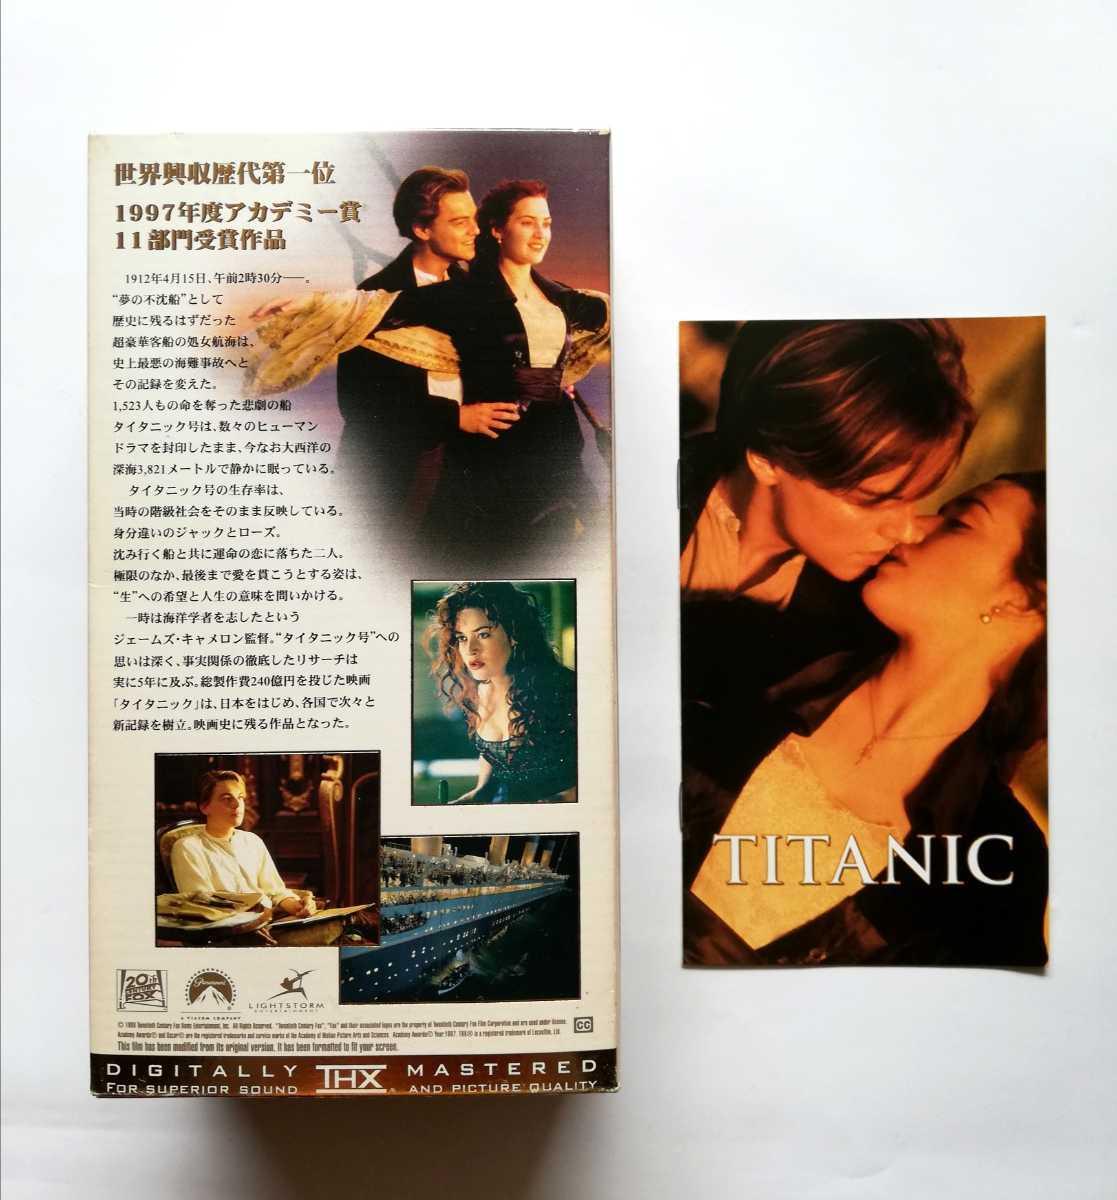 VHS ビデオテープ タイタニック TITANIC 字幕  ジェームズ・キャメロン監督 レオナルド・ディカプリオ ケイト・ウィンスレット _画像6